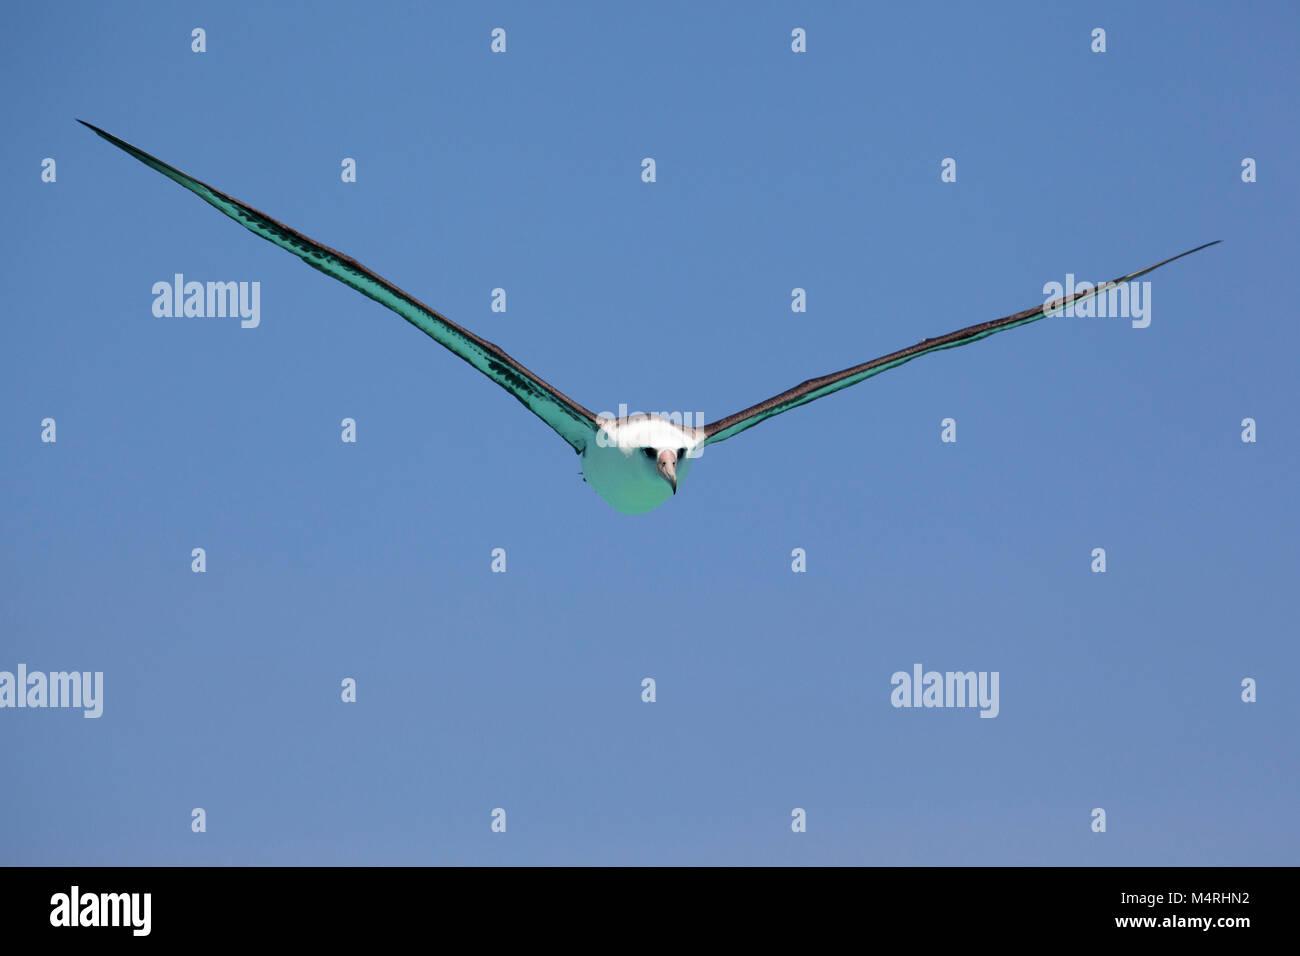 Il colore turchese di Laysan Albatross il lato inferiore, riflessa da un atollo poco profonda laguna, era un strumento Foto Stock